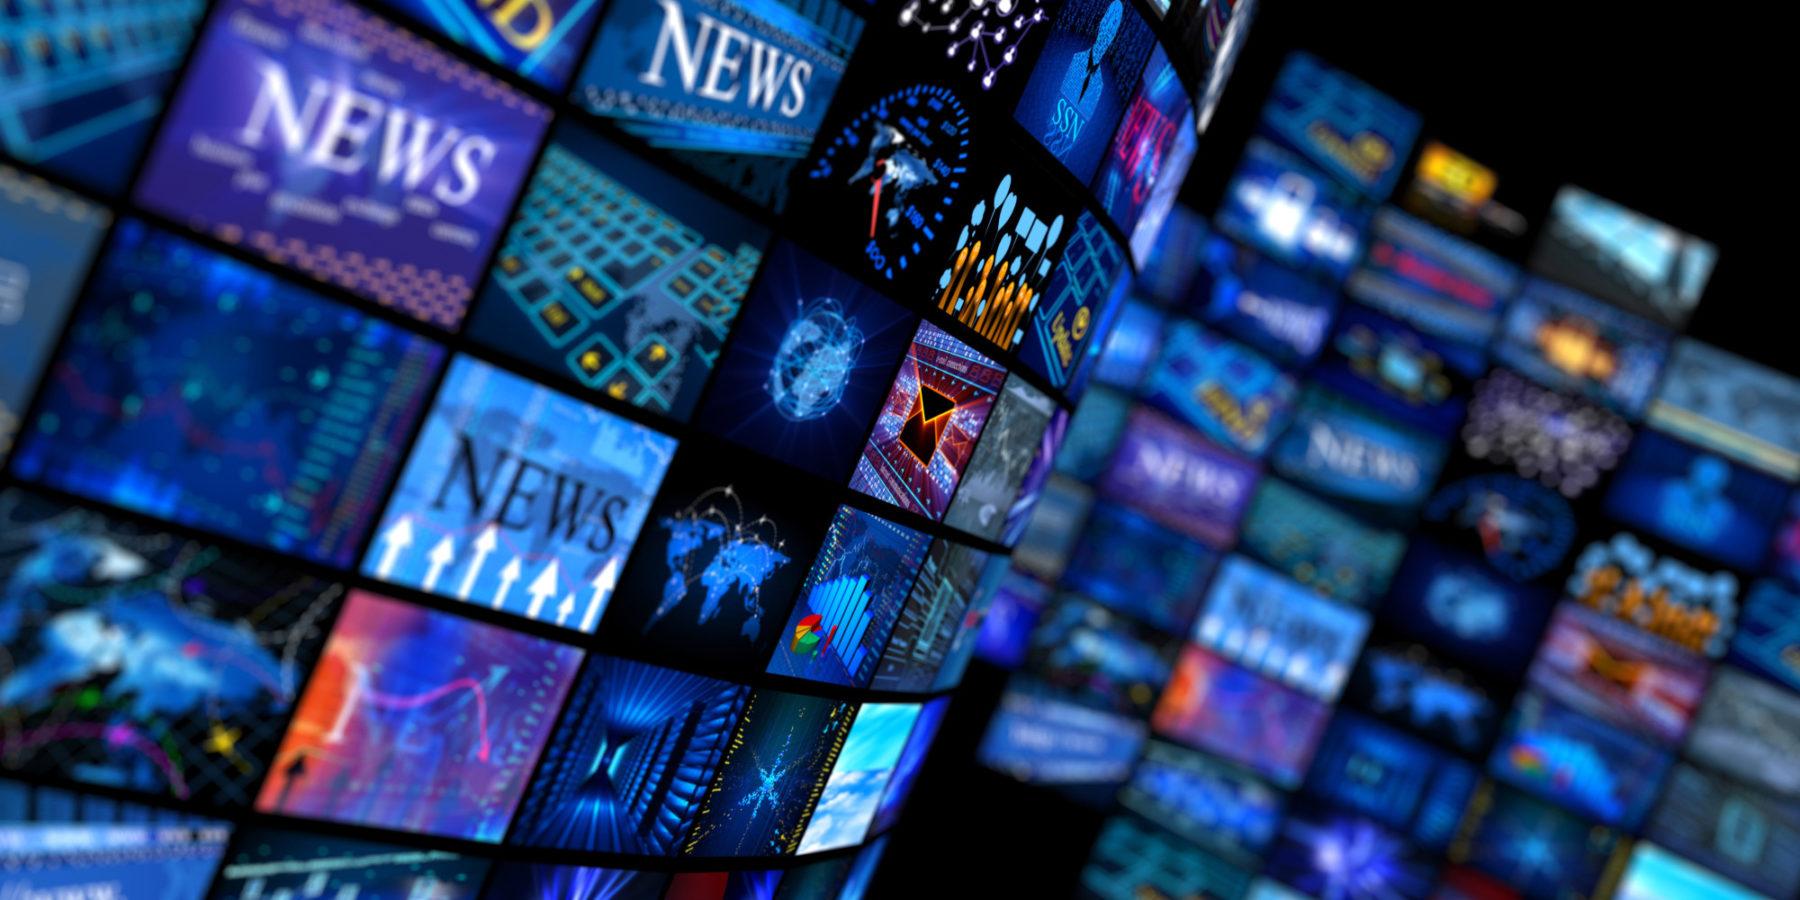 Ο μιντιάκιας: η επιστροφή του Χάρη Χριστόπουλου, η νέα συμμετοχή στη Eurovision  και το Ντέρτι των Τσαμπάνη - Καλκόβαλη